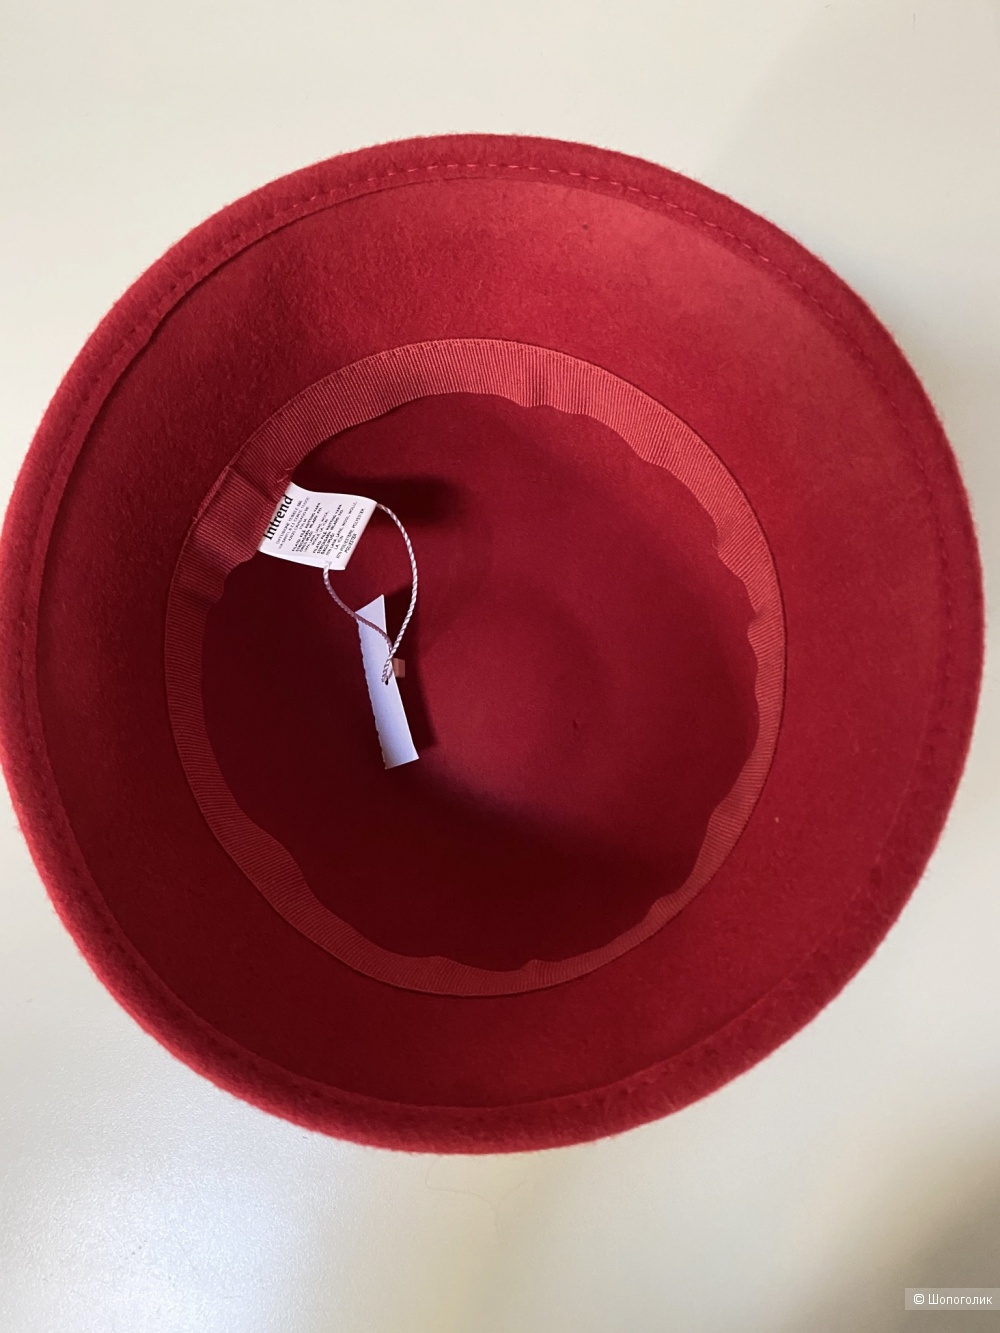 Шляпка Intrend Max Mara 56-57см.